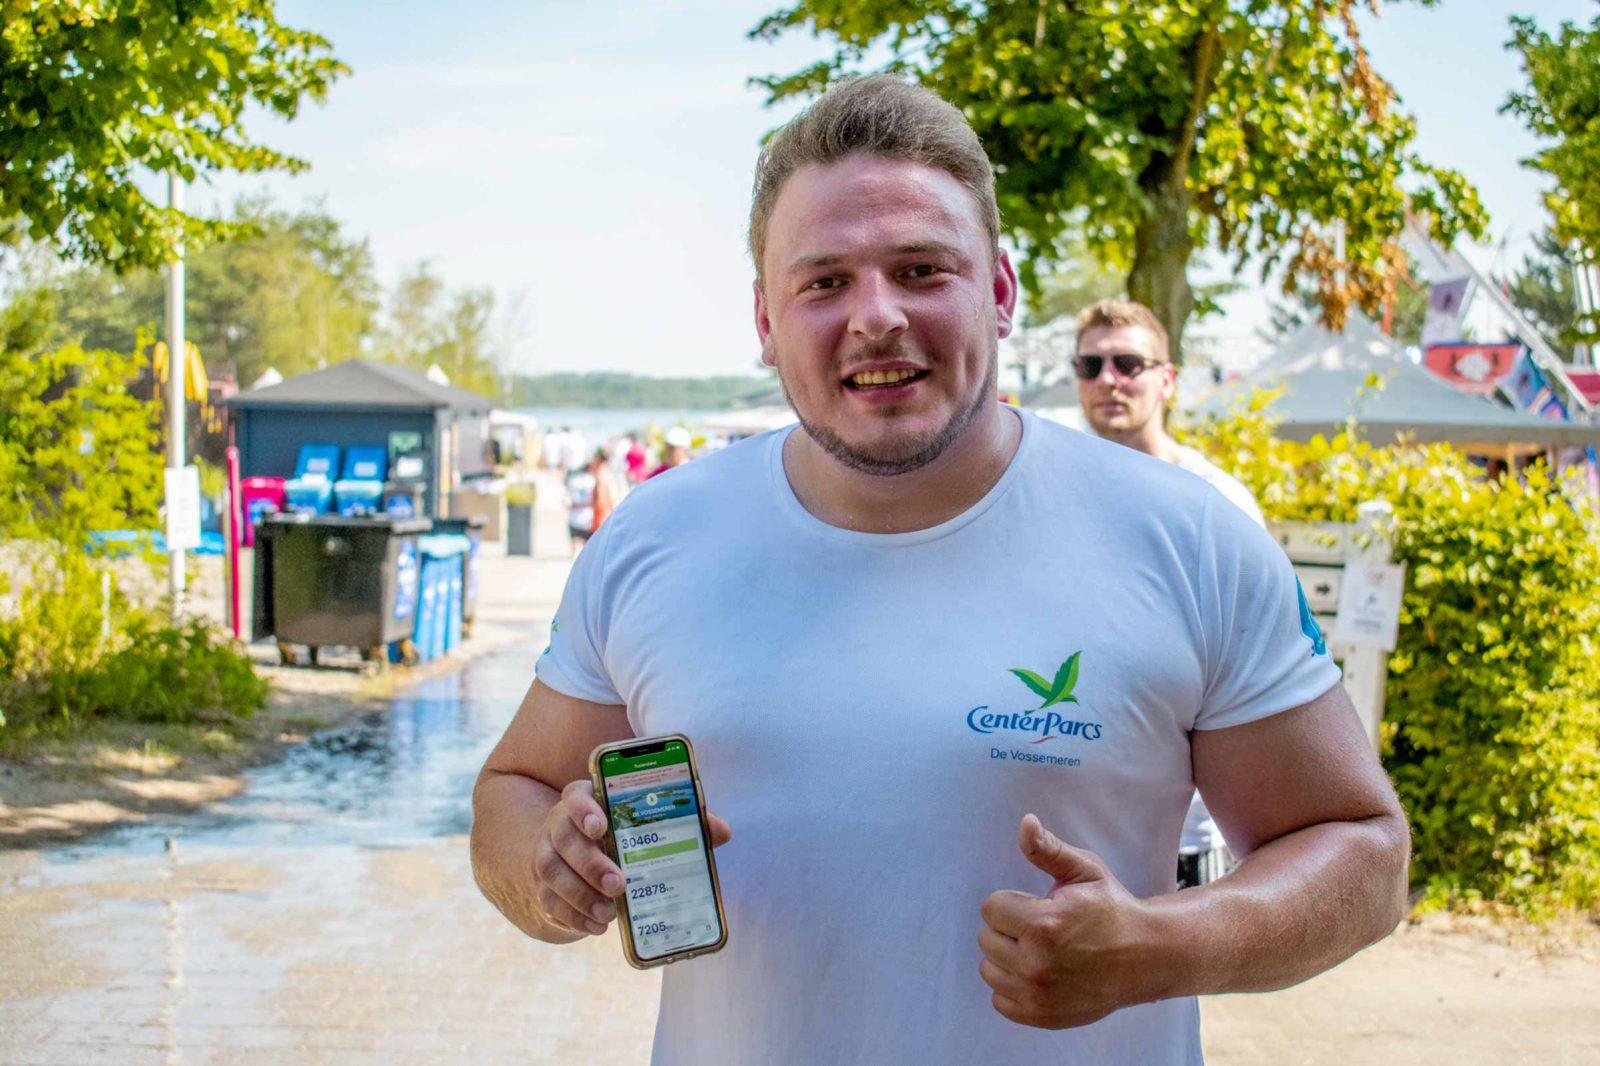 Kevin, medewerker Center Parcs De Vossemeren toont de Fit@Work app